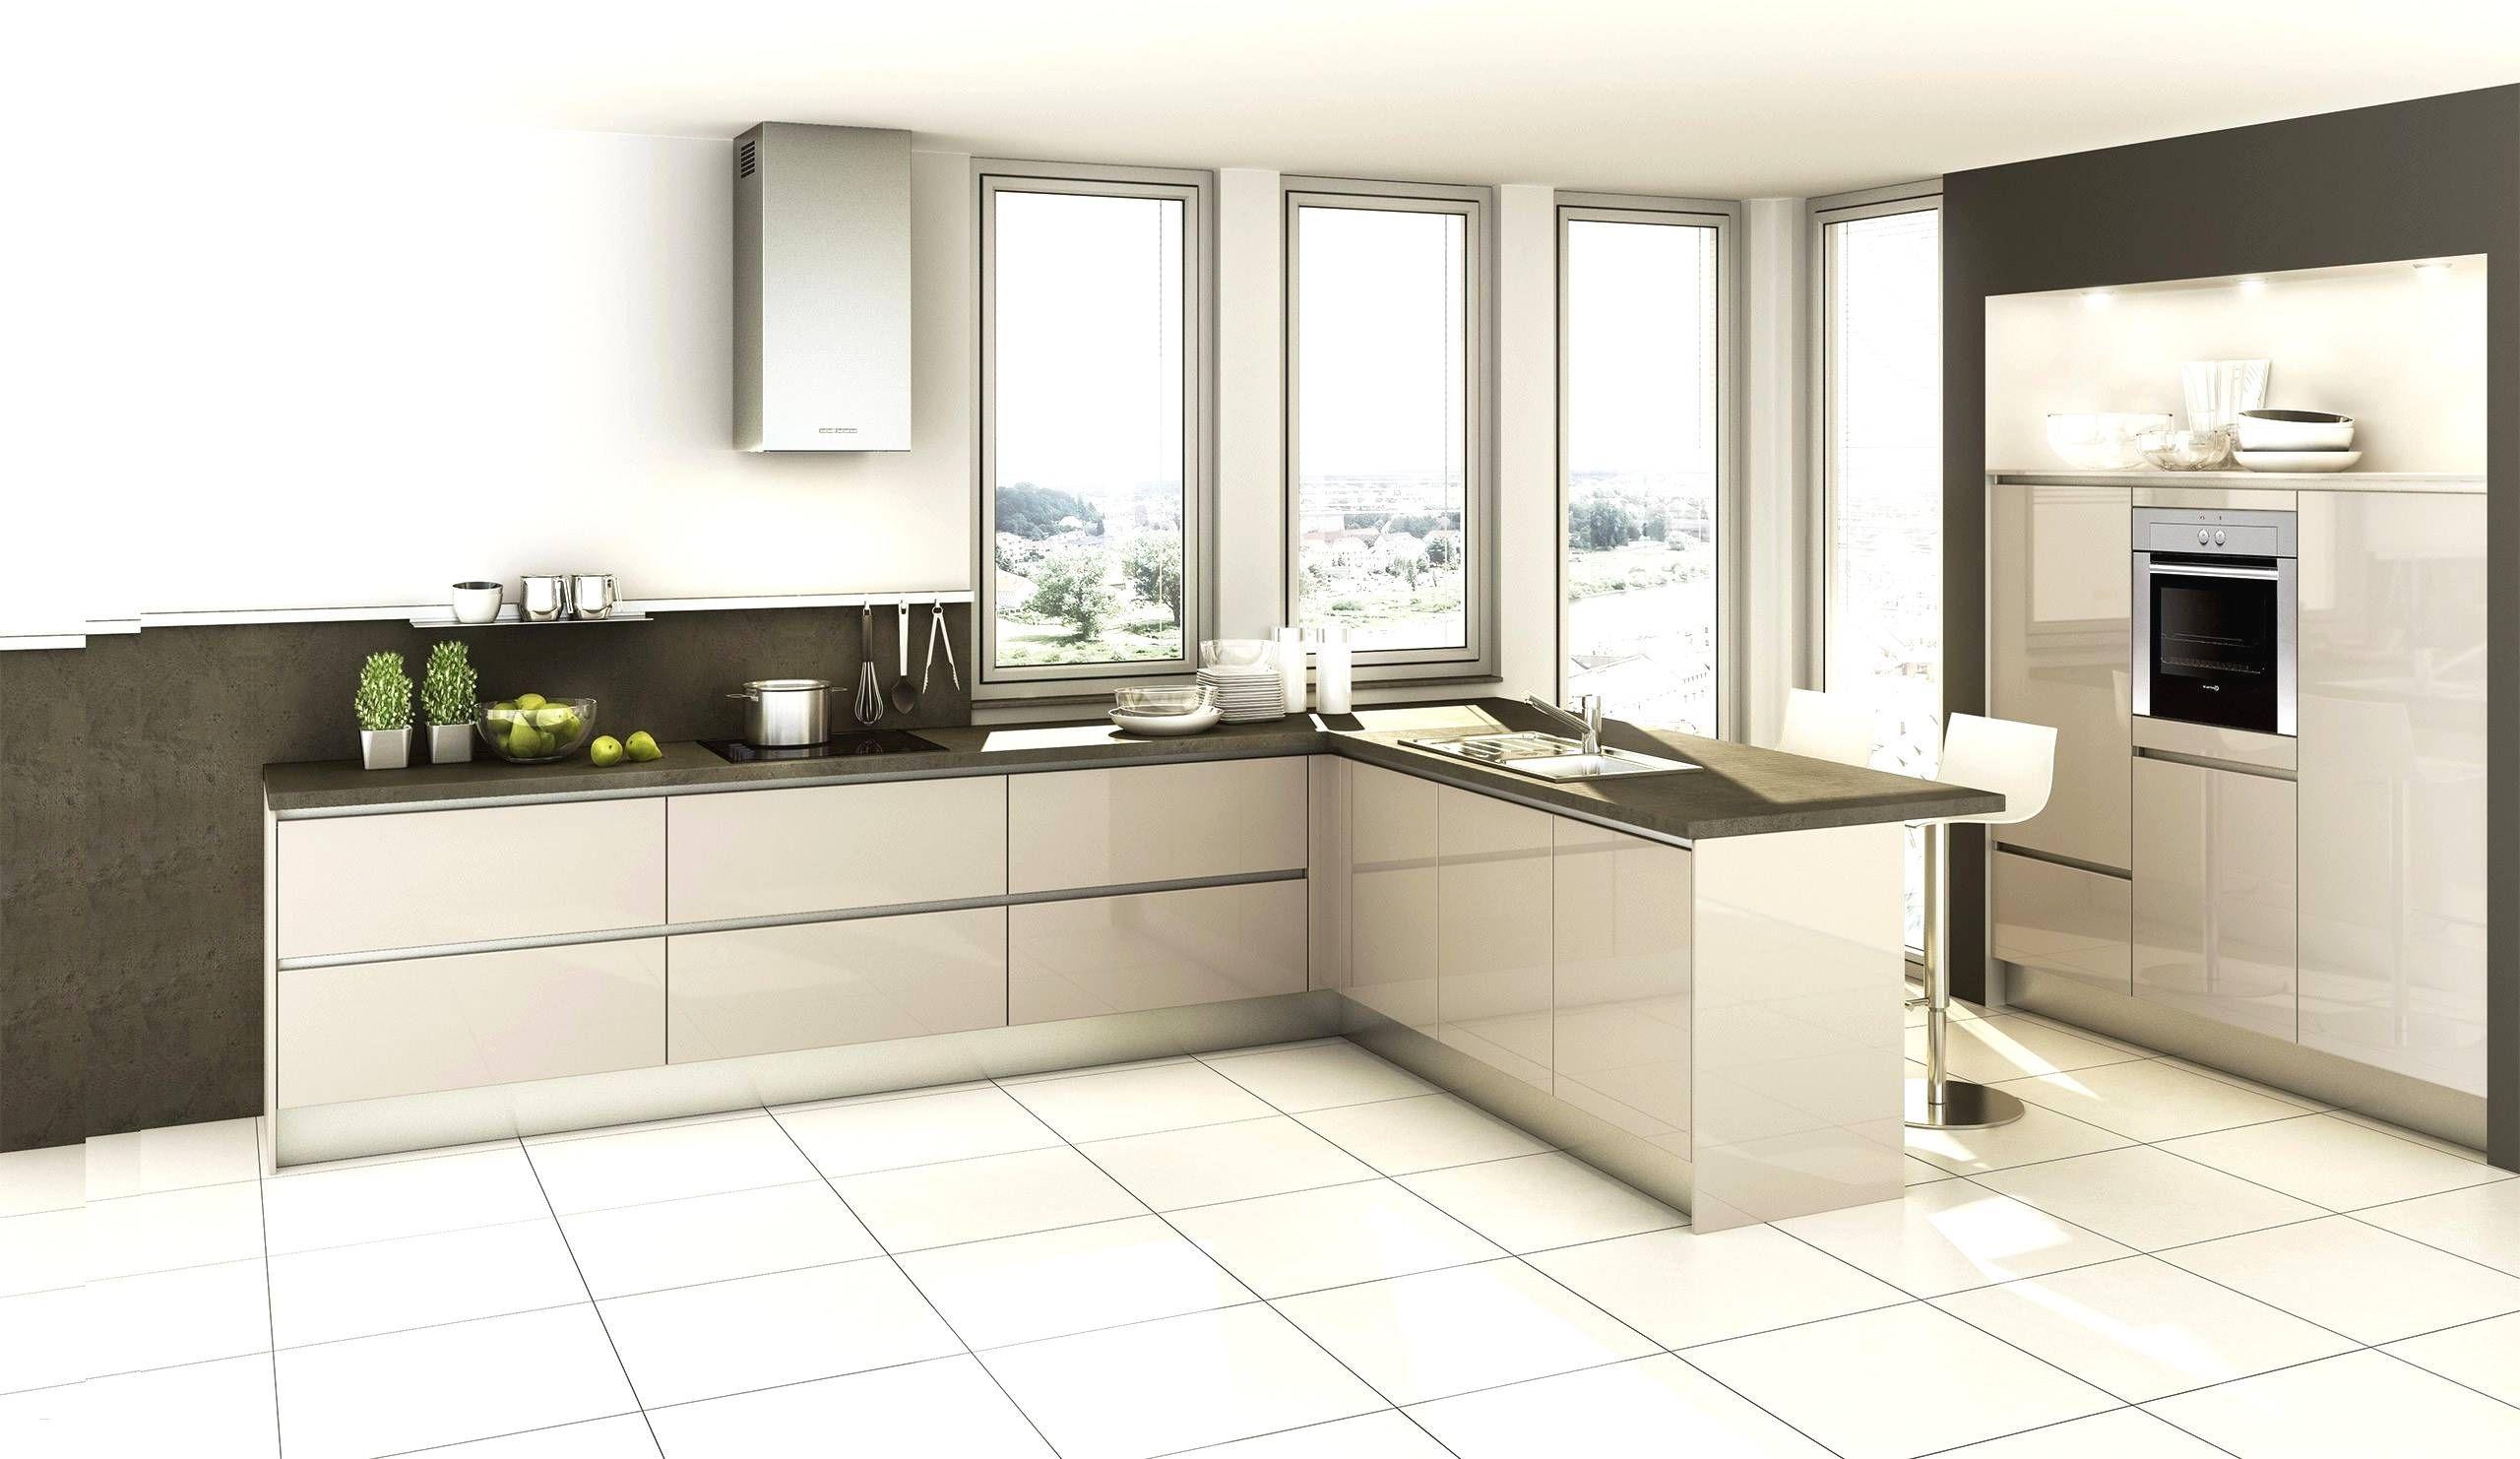 Küchen Unterschrank Ohne Arbeitsplatte Ikea